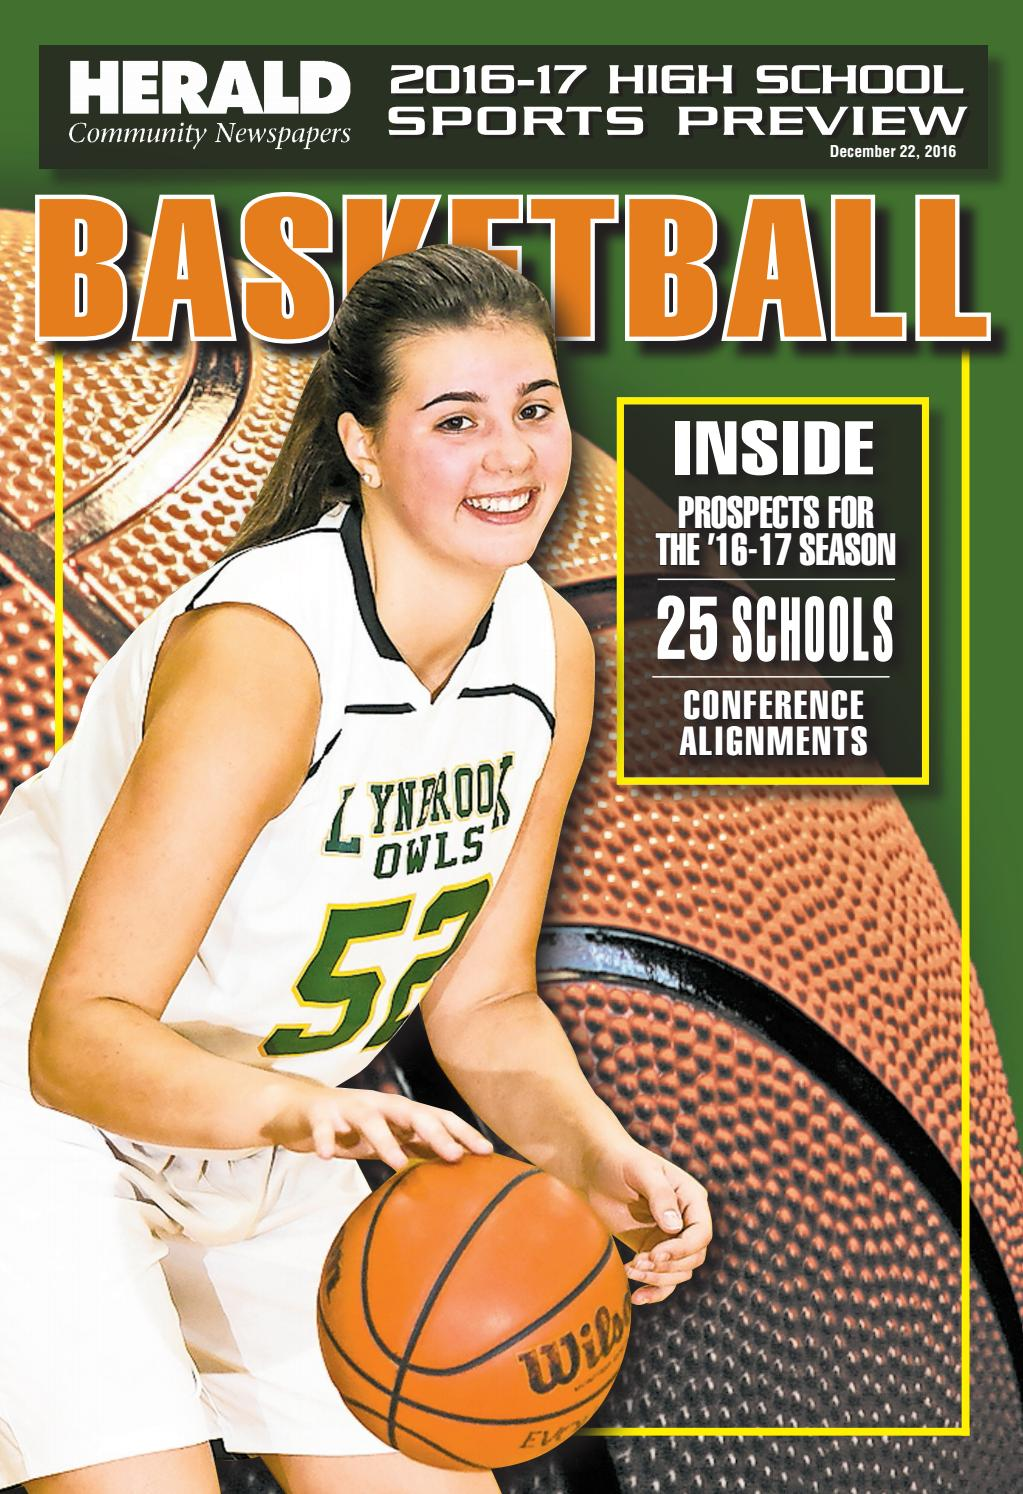 2014 15 basketball season preview by ontario university athletics 2014 15 basketball season preview by ontario university athletics issuu